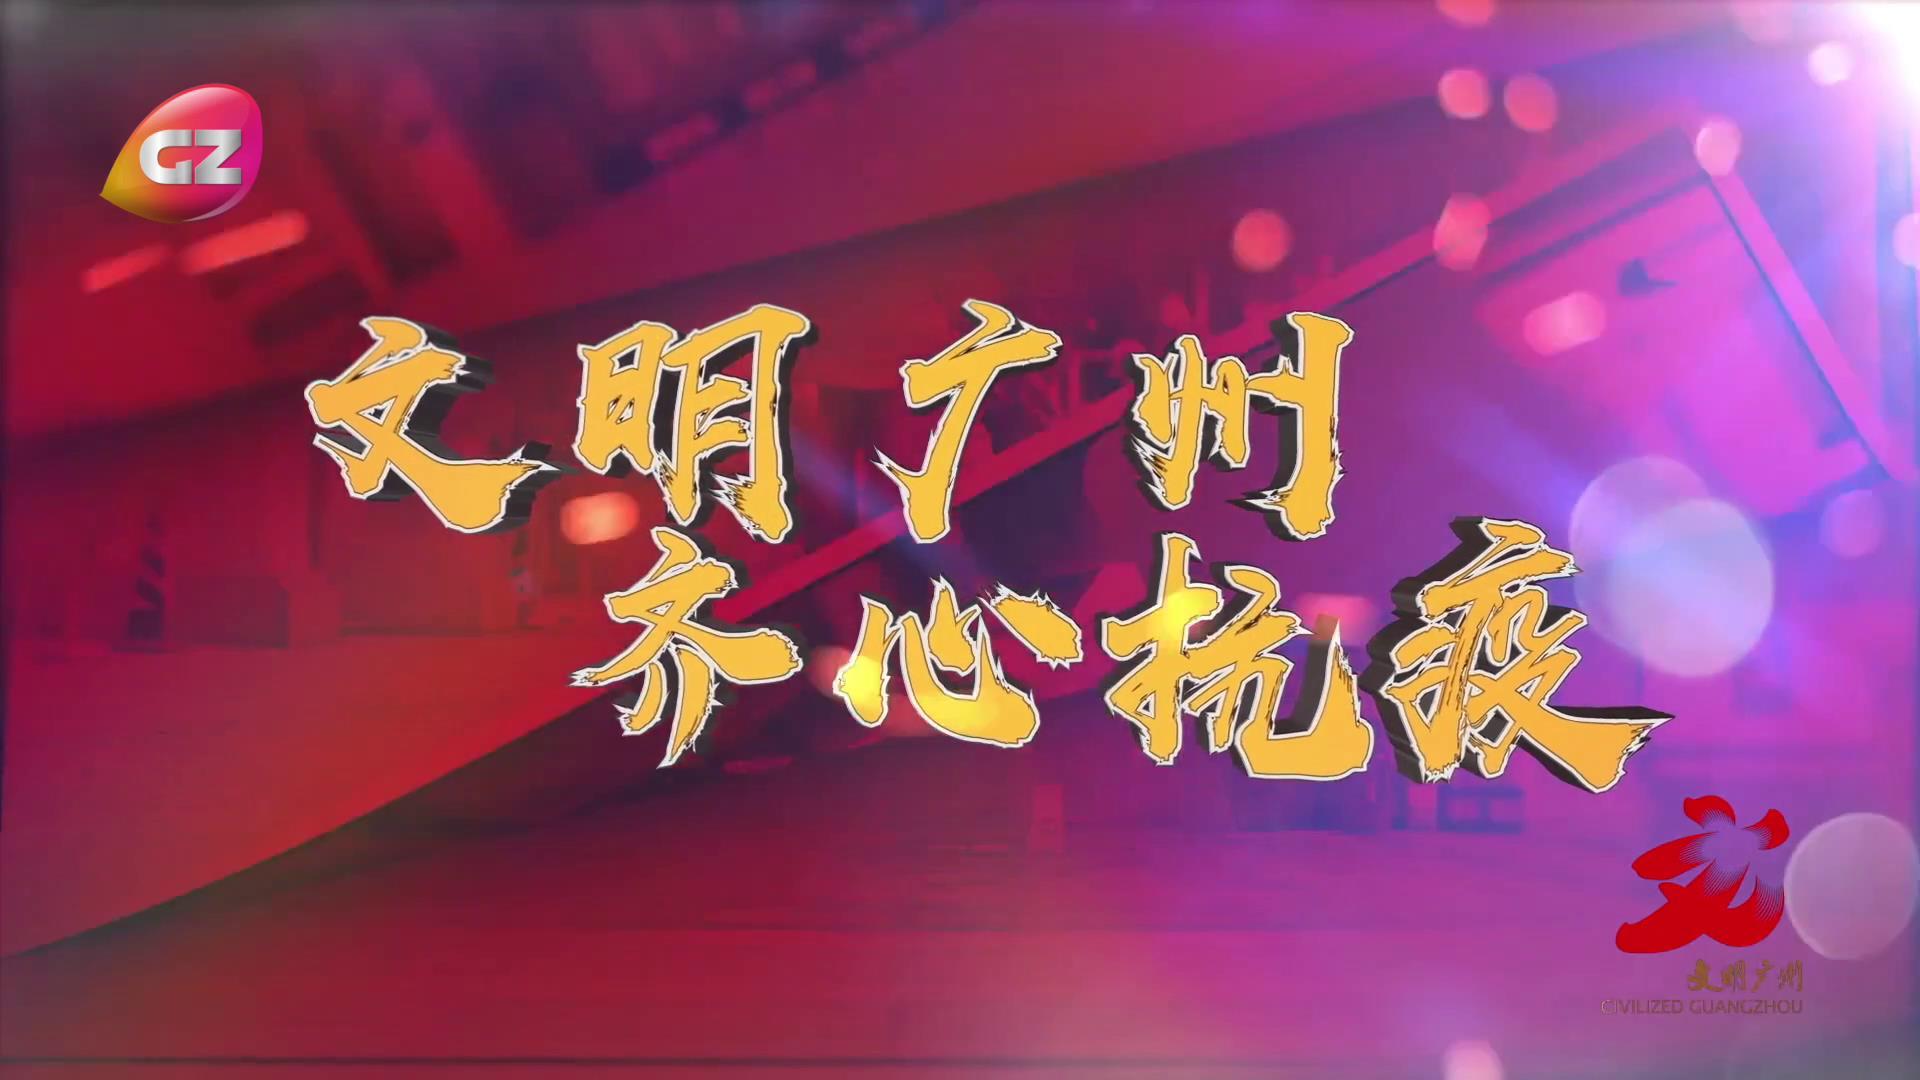 【广州好人1】文明广州 共同抗疫封面图.jpg